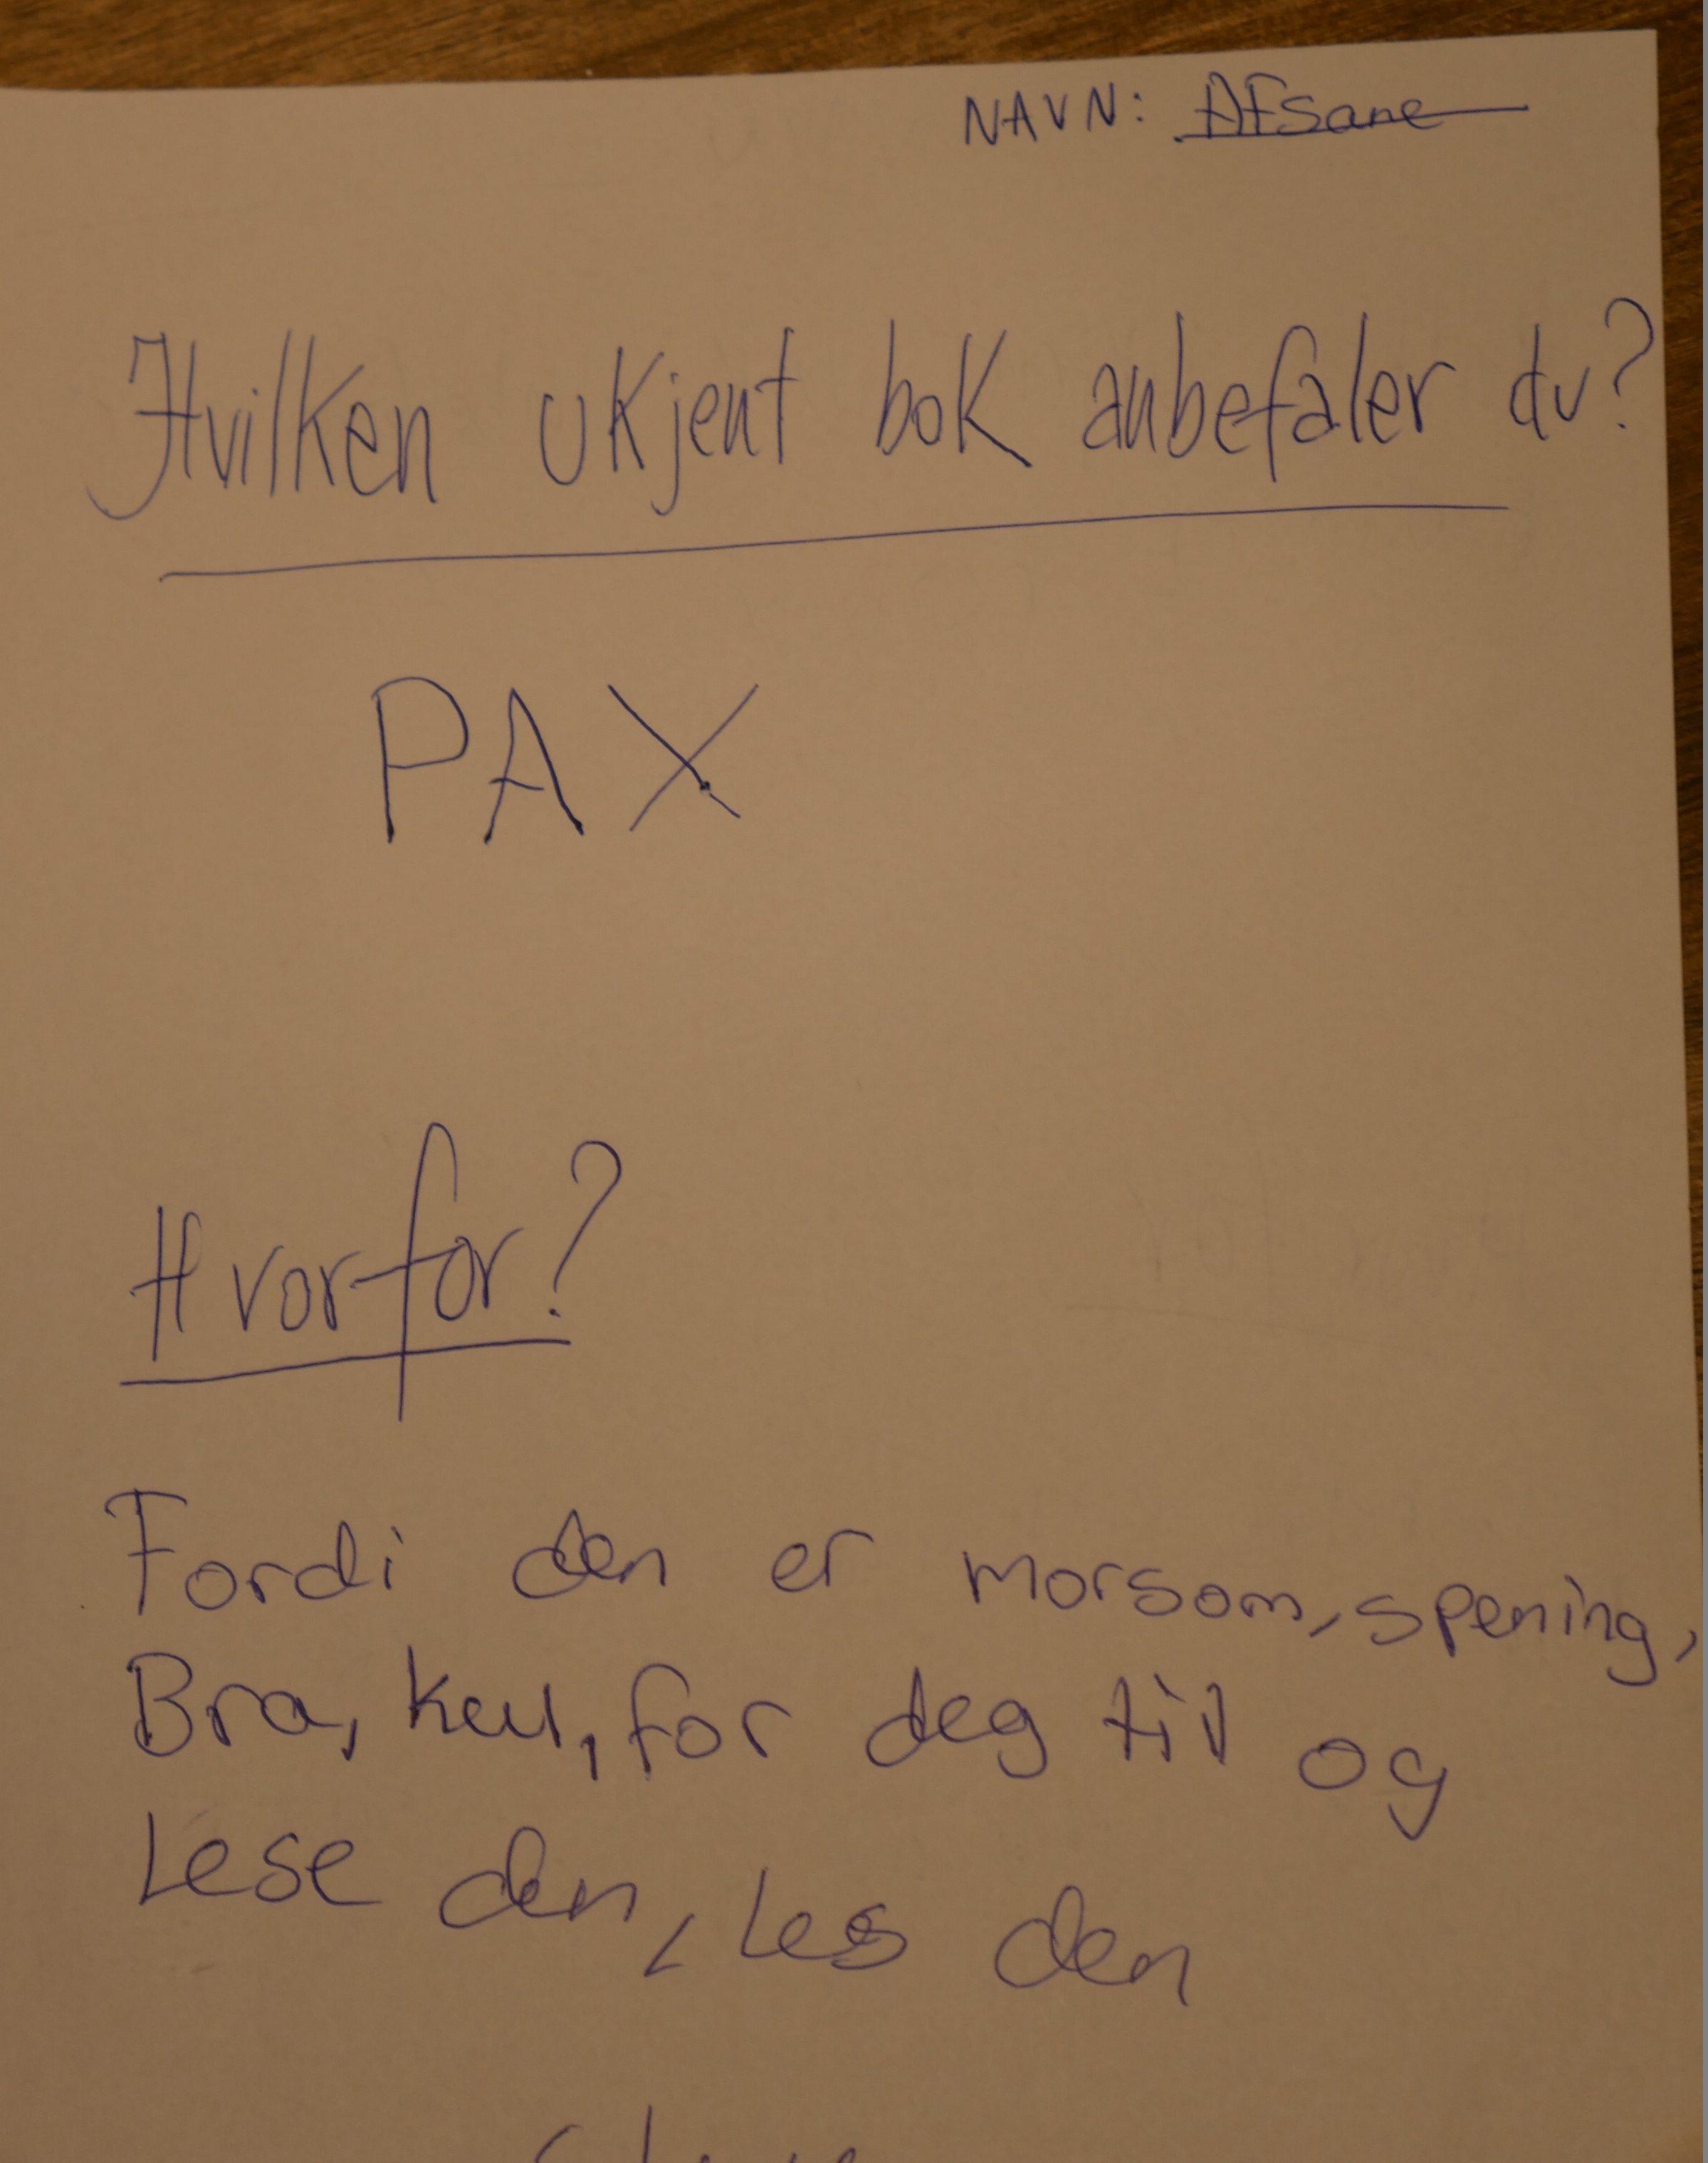 Afsane på Biblio, Tøyen filial anbefaler Pax